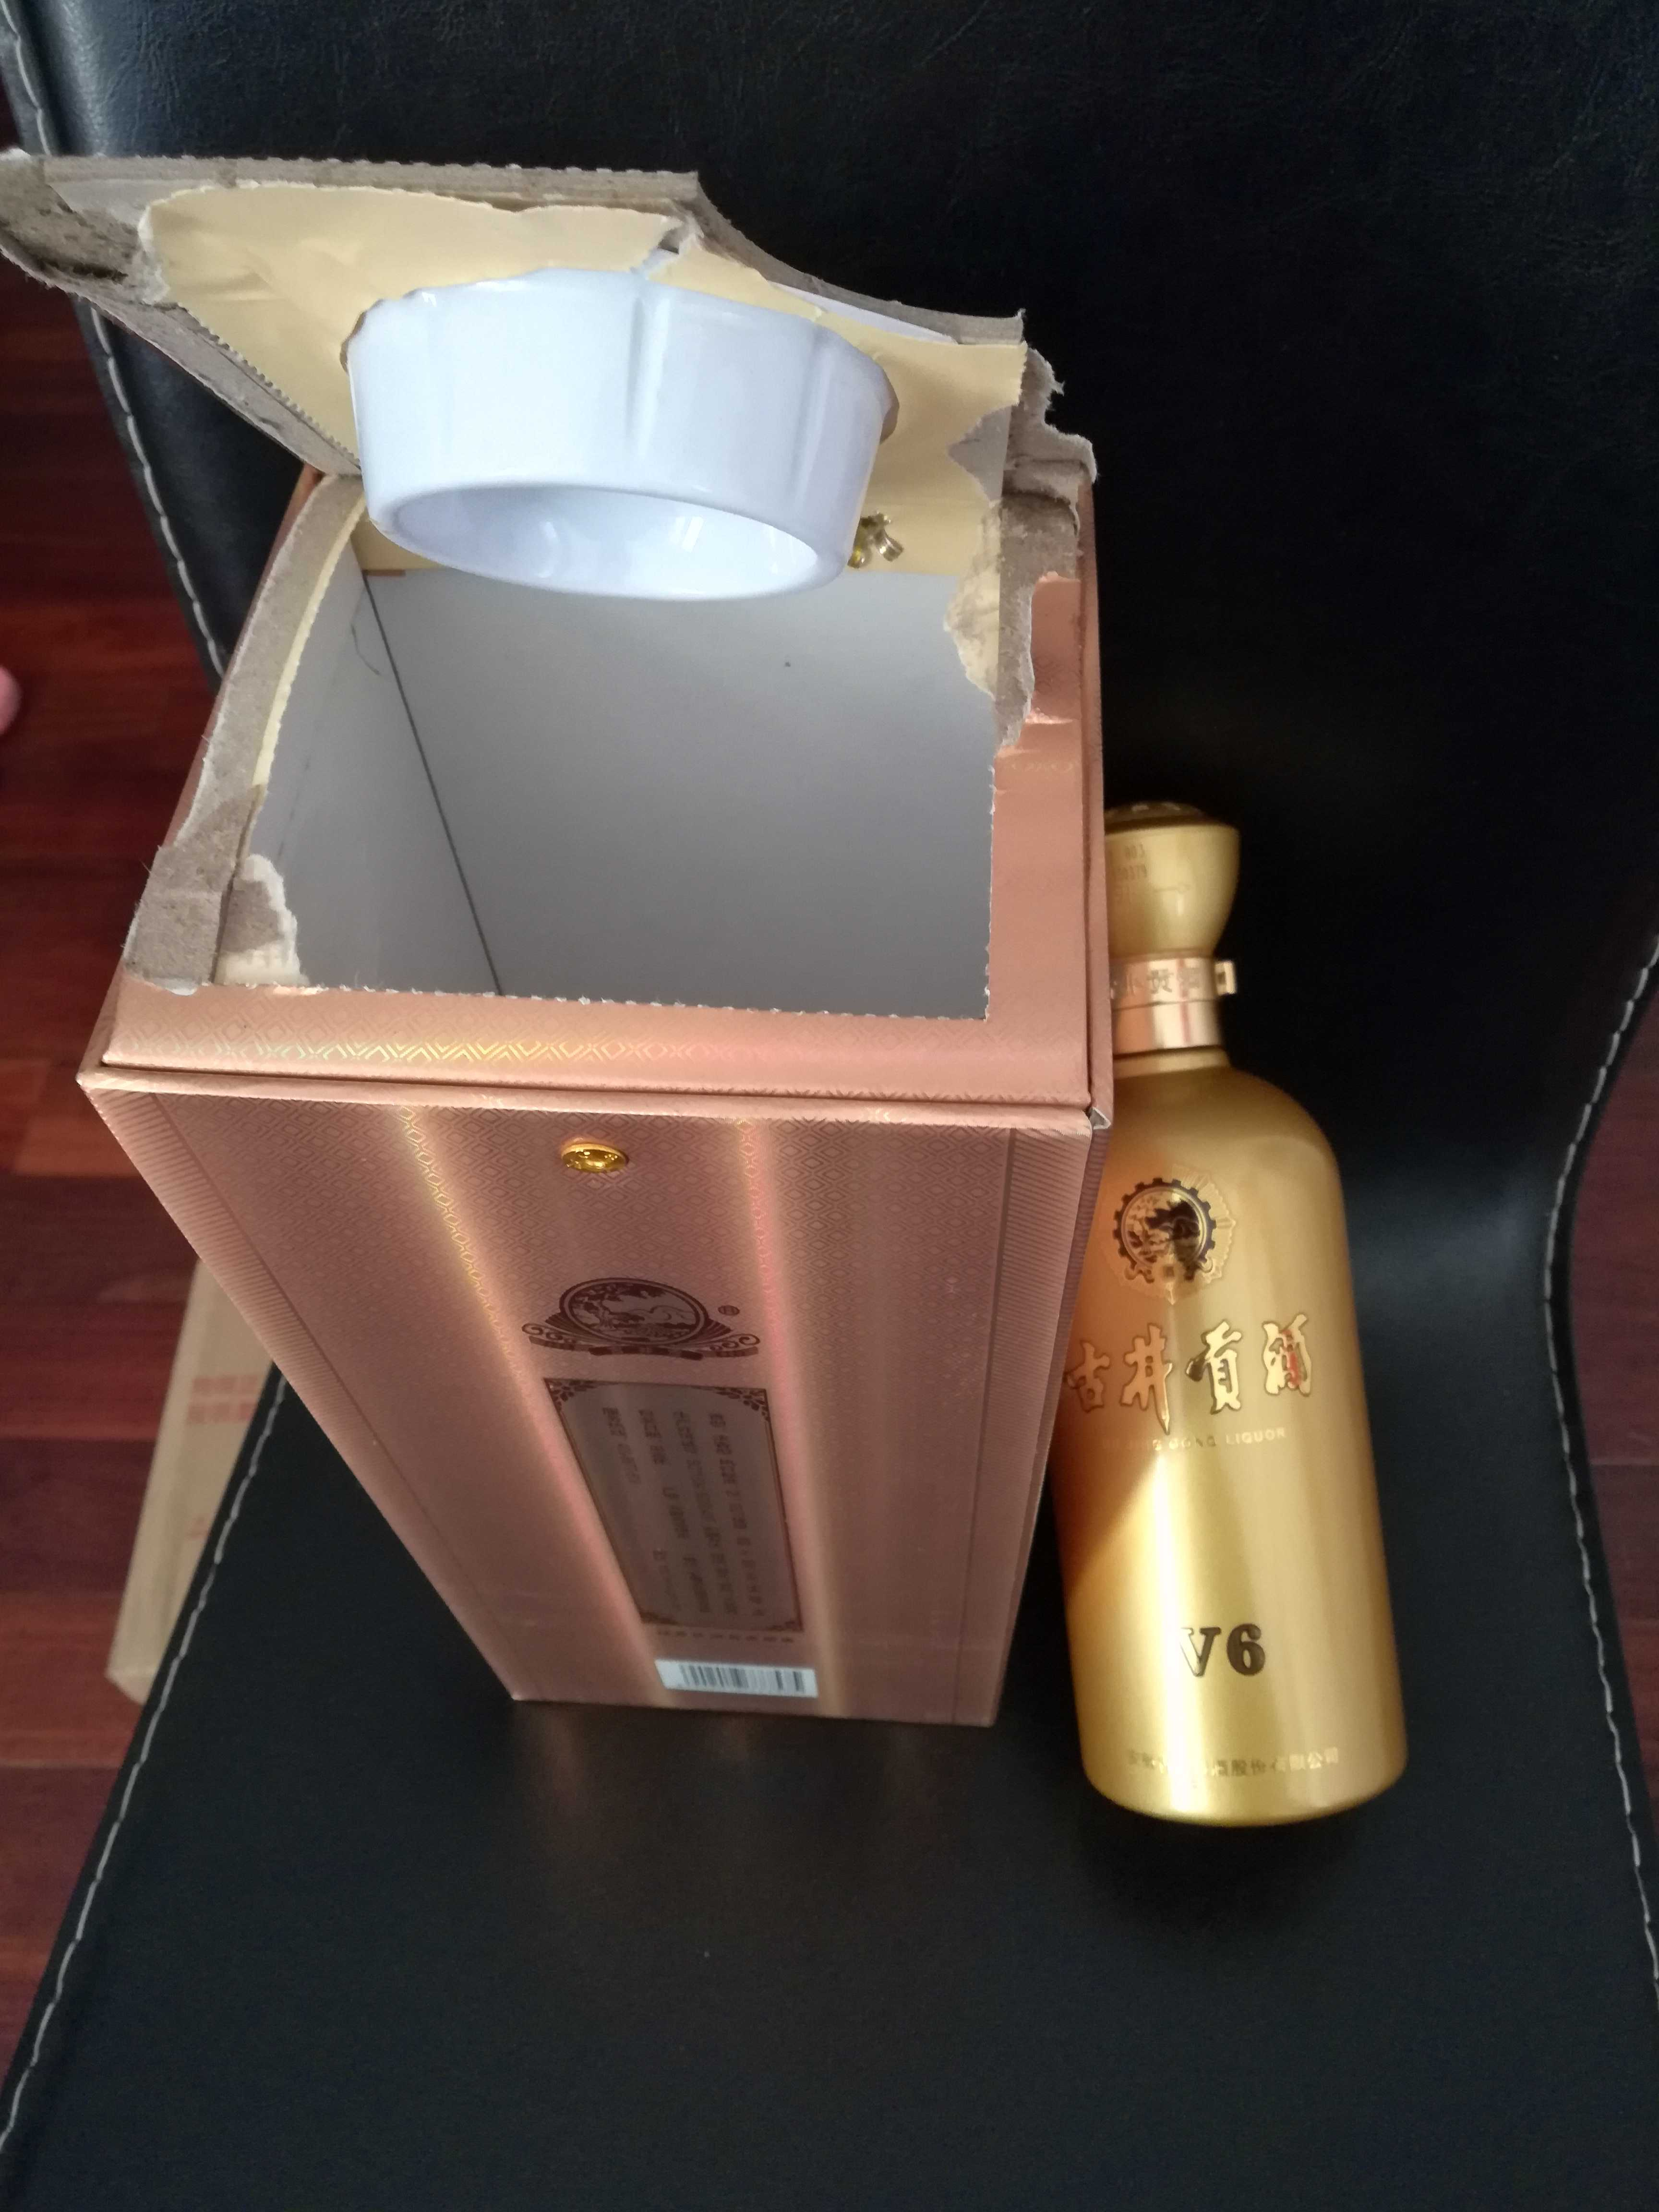 古井贡酒酒盒包装设计展开图长沙博意建筑设计有限公司怎么样图片